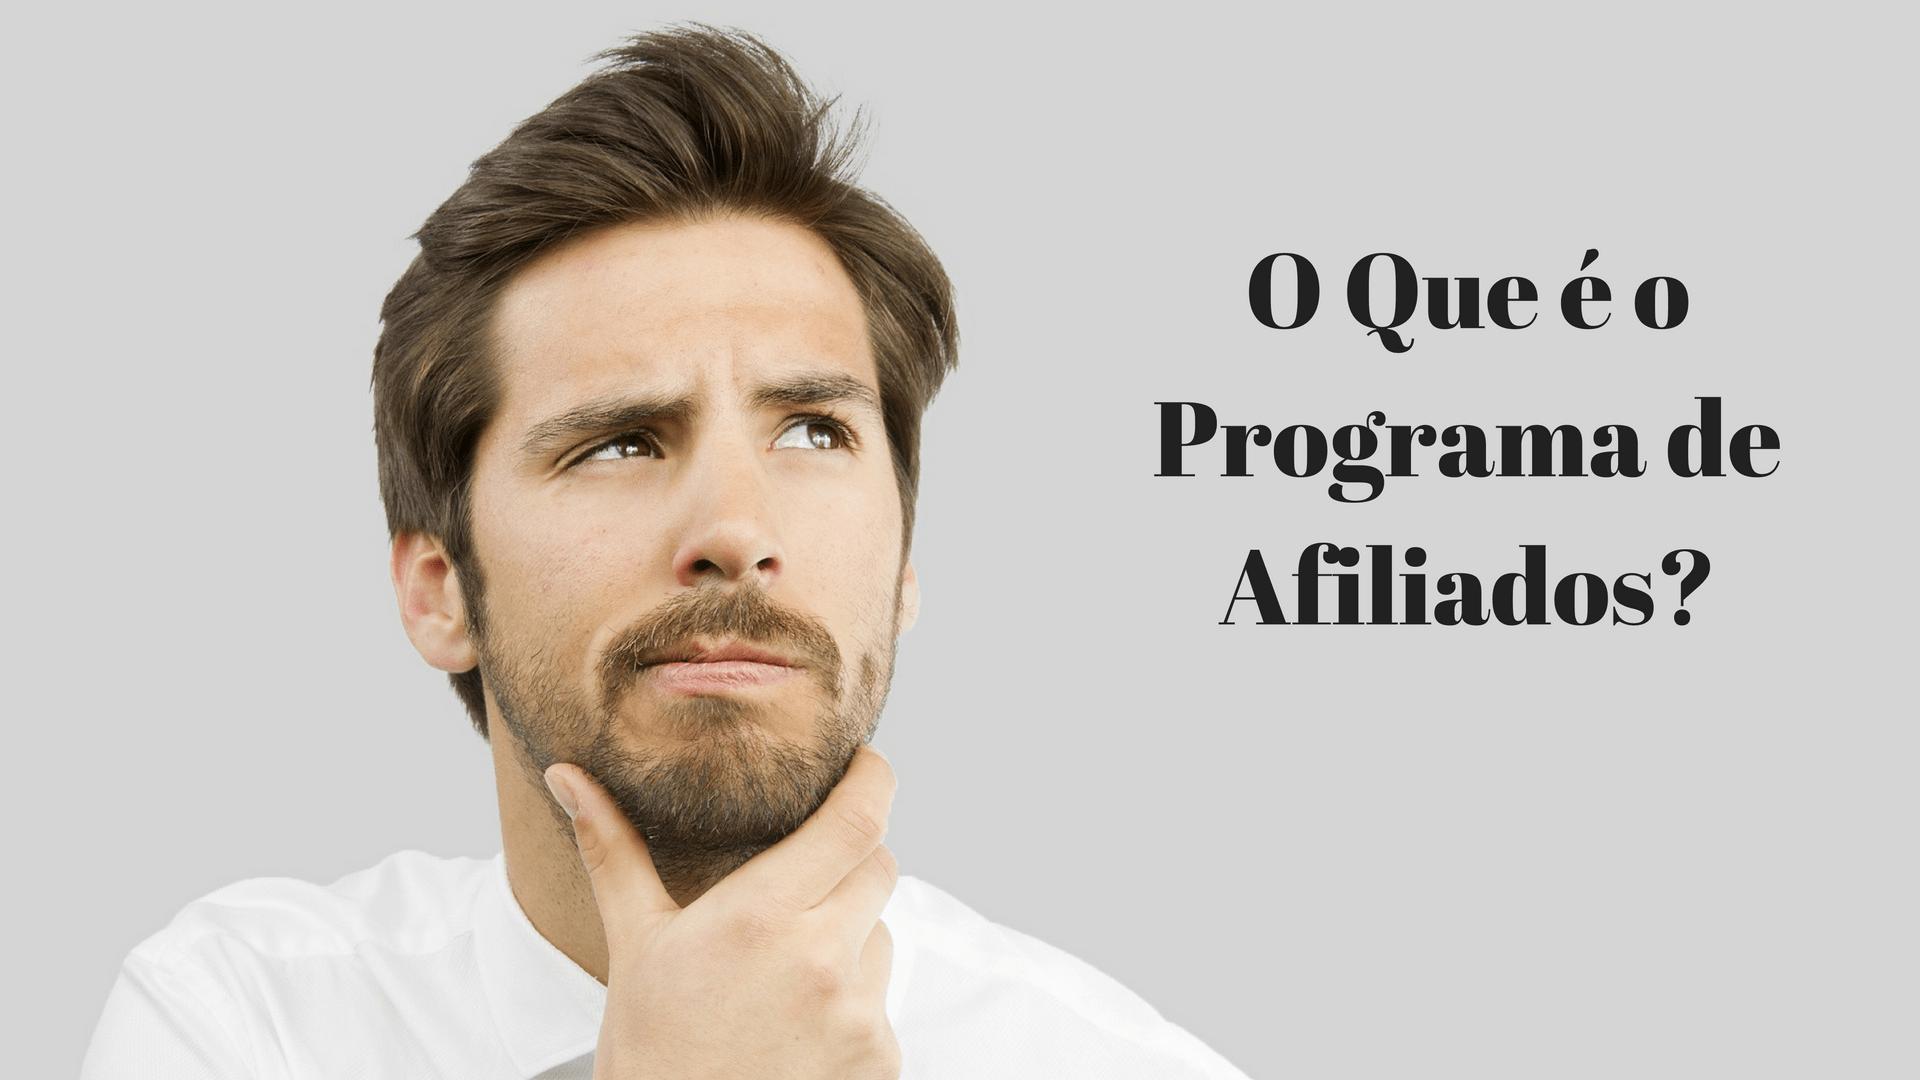 O Que é o Programa de Afiliados?